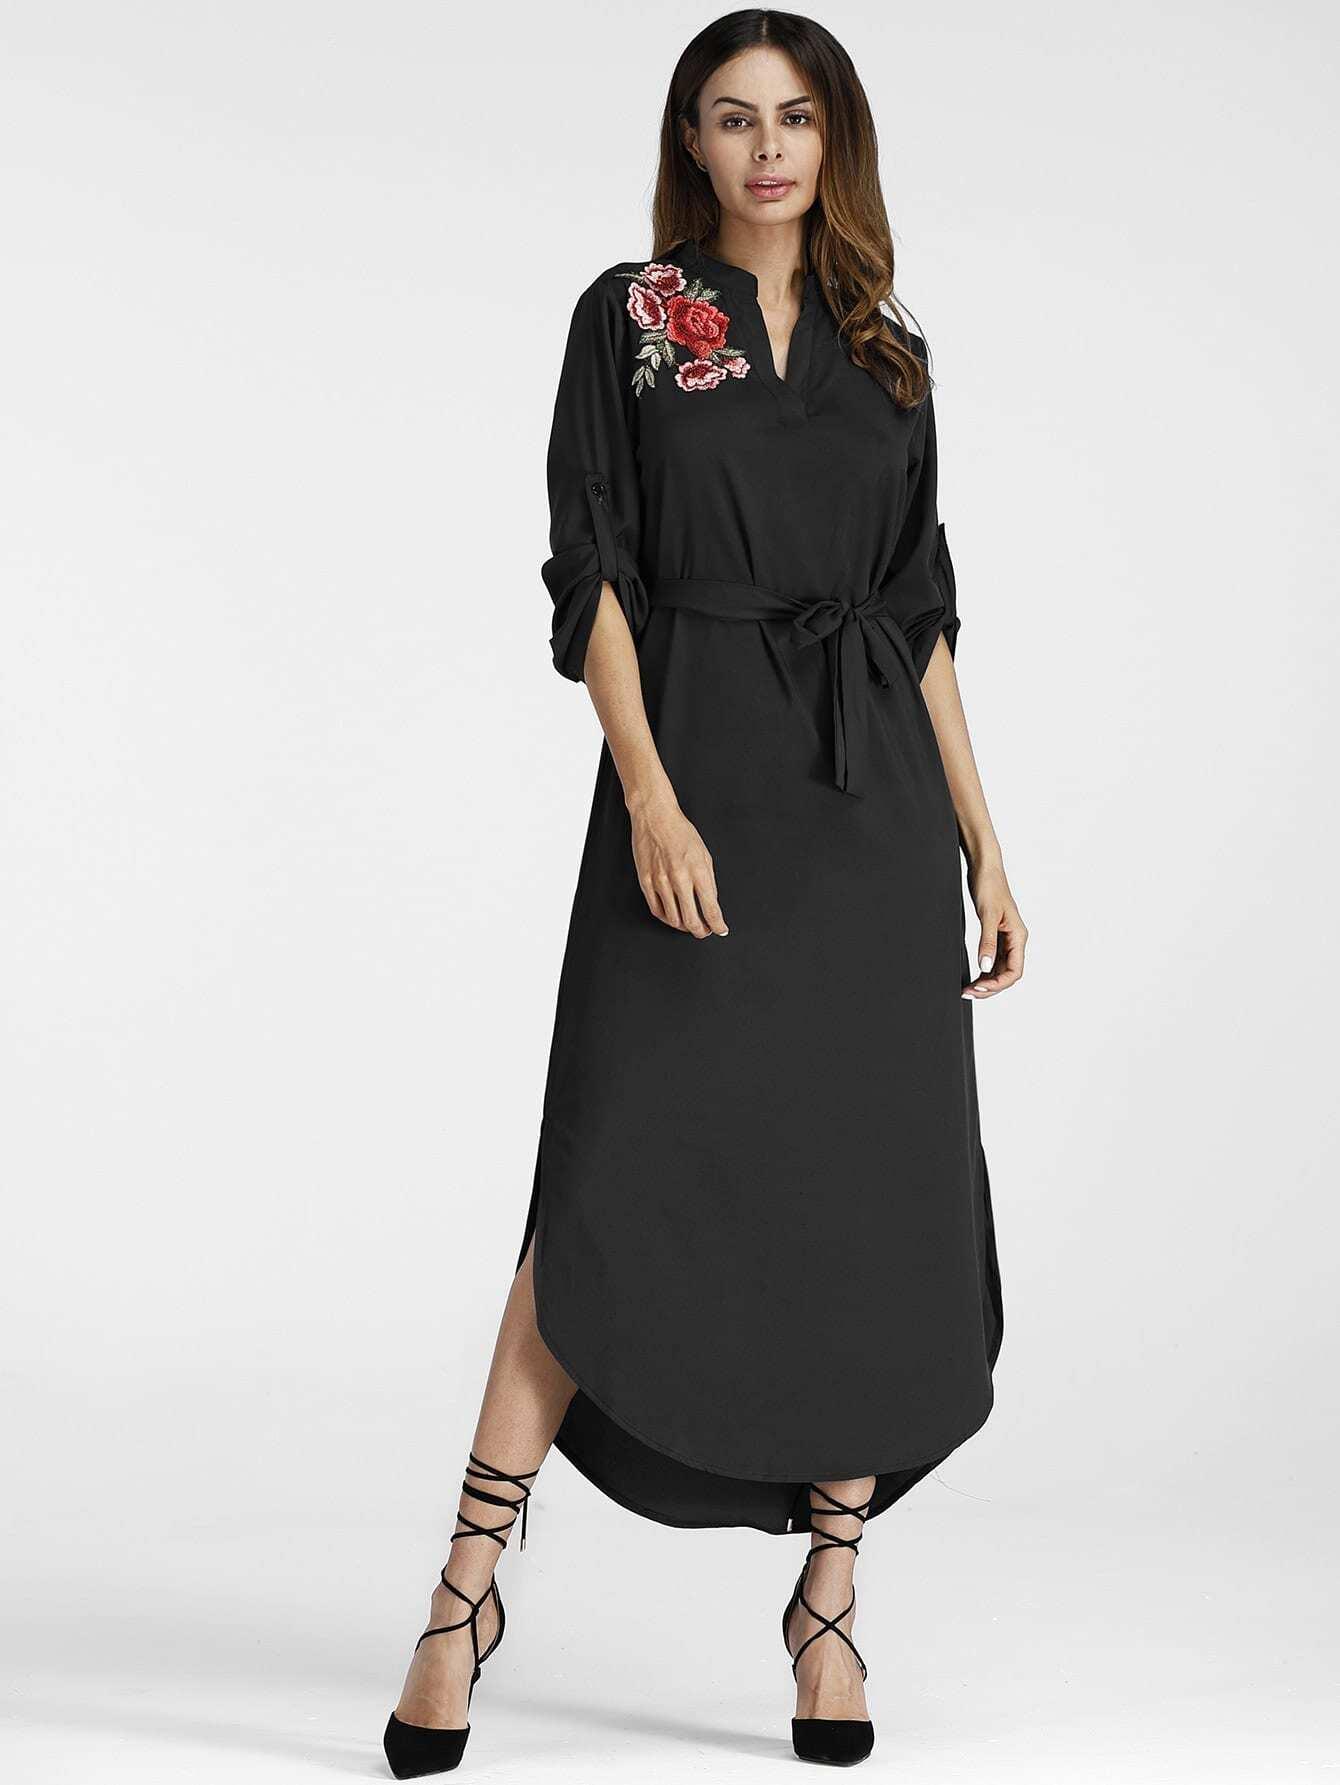 Embroidered Applique Curved Hem Belt Dress